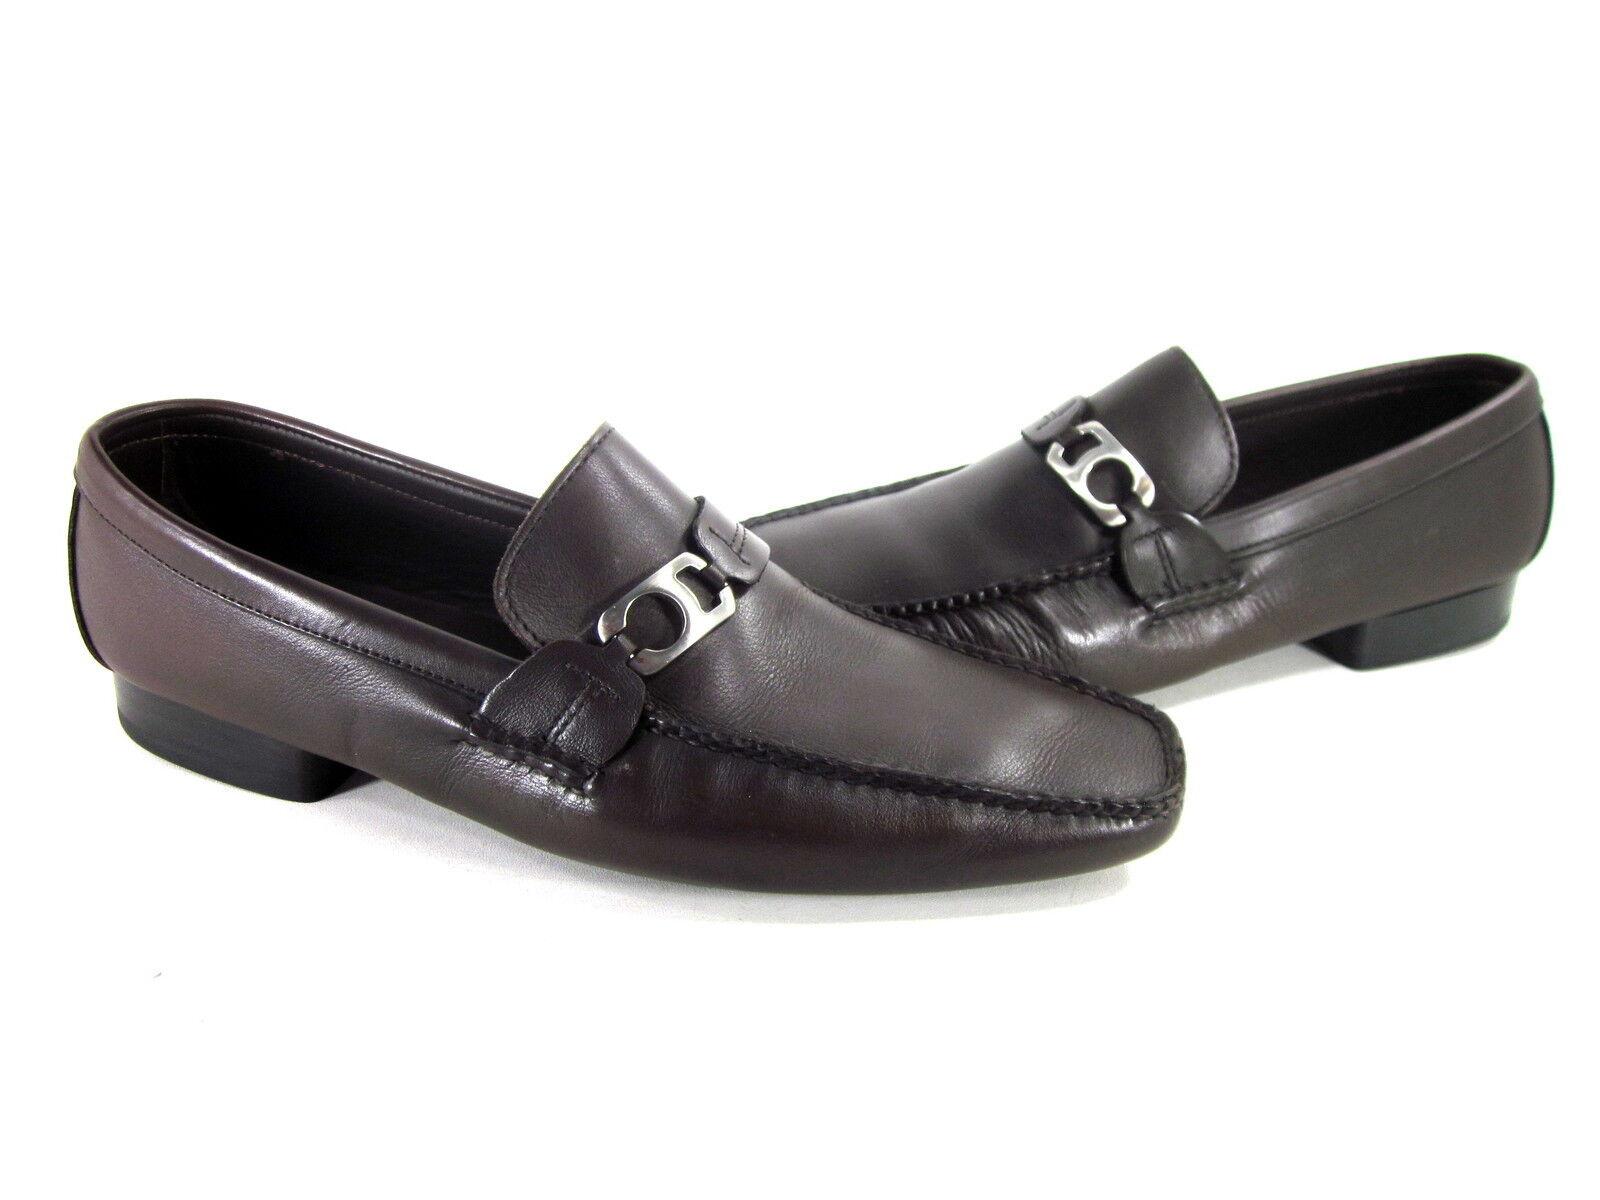 Allen Edmonds Para Hombre Martin Slip-on Zapatos Mocha Cuero nosotros tamaño 11 Mediano